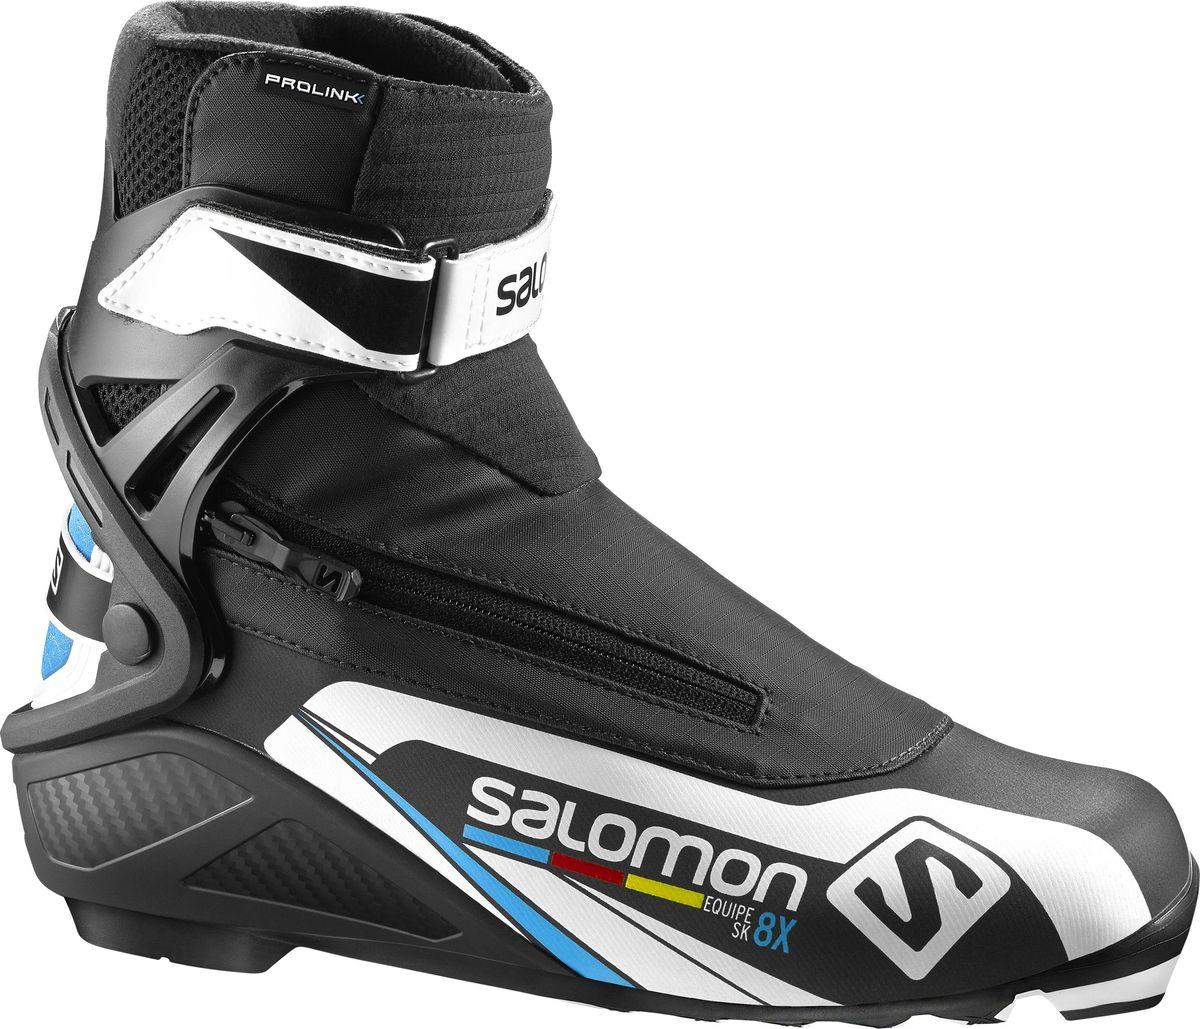 Ботинки для беговых лыж Salomon Equipe 8X Skate Prolink, цвет: черный. Размер 8,5 (41)L39417500В ботинках Equipe 8X Skate совмещены системы термоформовки Custom fit с инновационной раздельной системой быстрого шнурования для великолепного комфорта. Манжета Energyzer cuff обеспечит мощную и прогрессивную боковую поддержку. Для любителей лыжного спорта, ценящих рабочие характеристики и желающих приобрести ботинки по доступной цене.